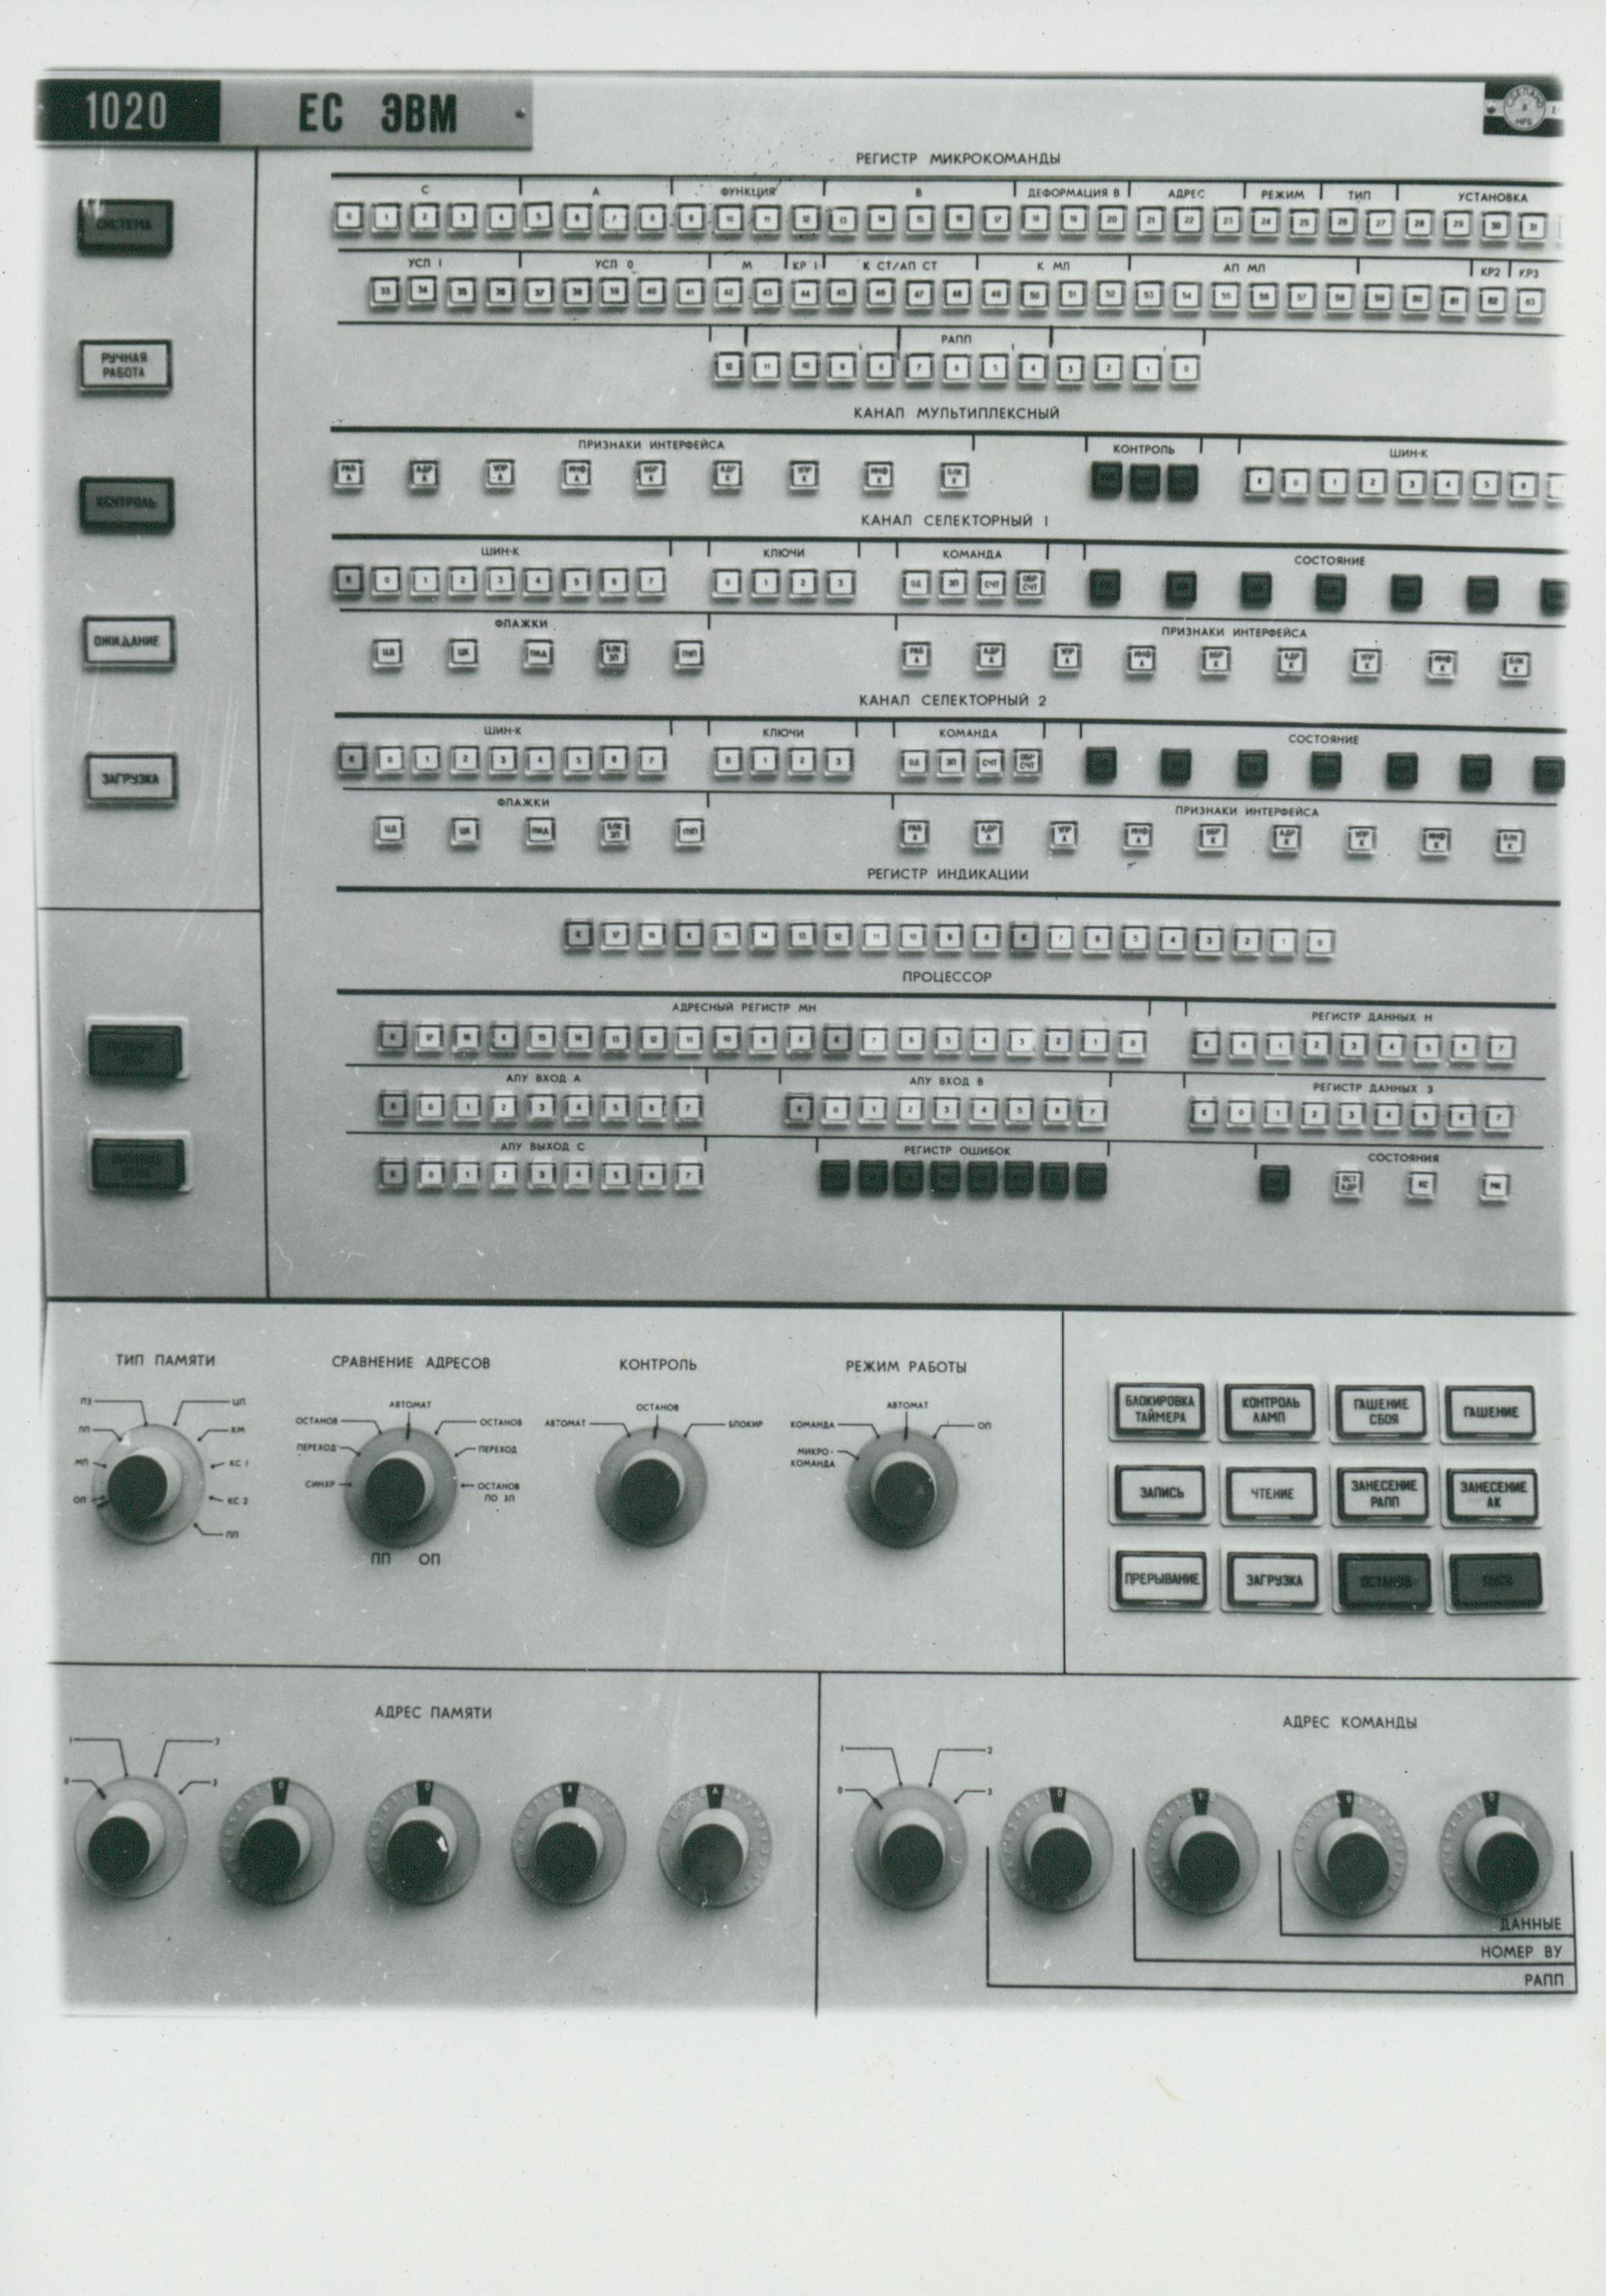 ESzR ESZ-1020 számítógép az IBM-től